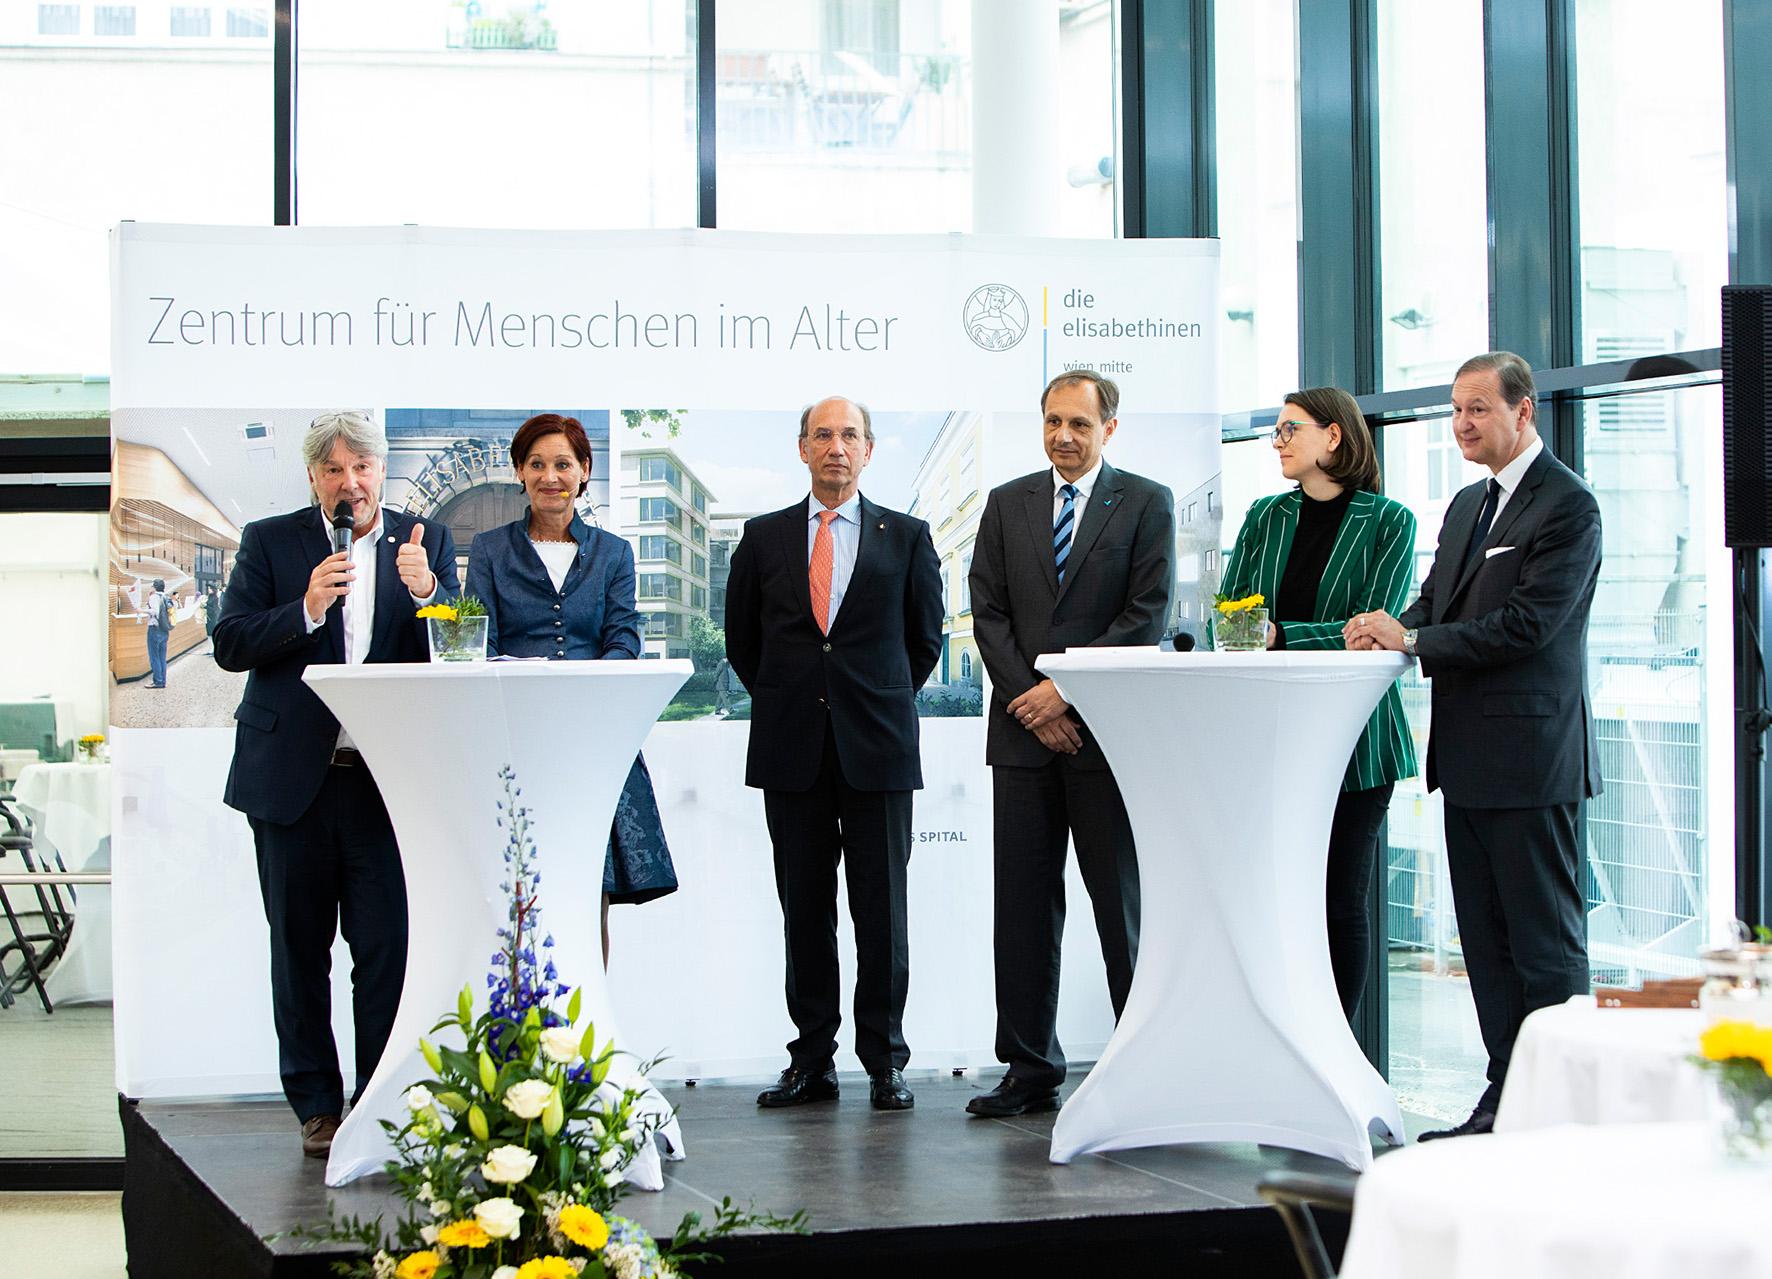 Feierliche-Eröffnung-des-Zentrums-für-den-Menschen-im-Alter